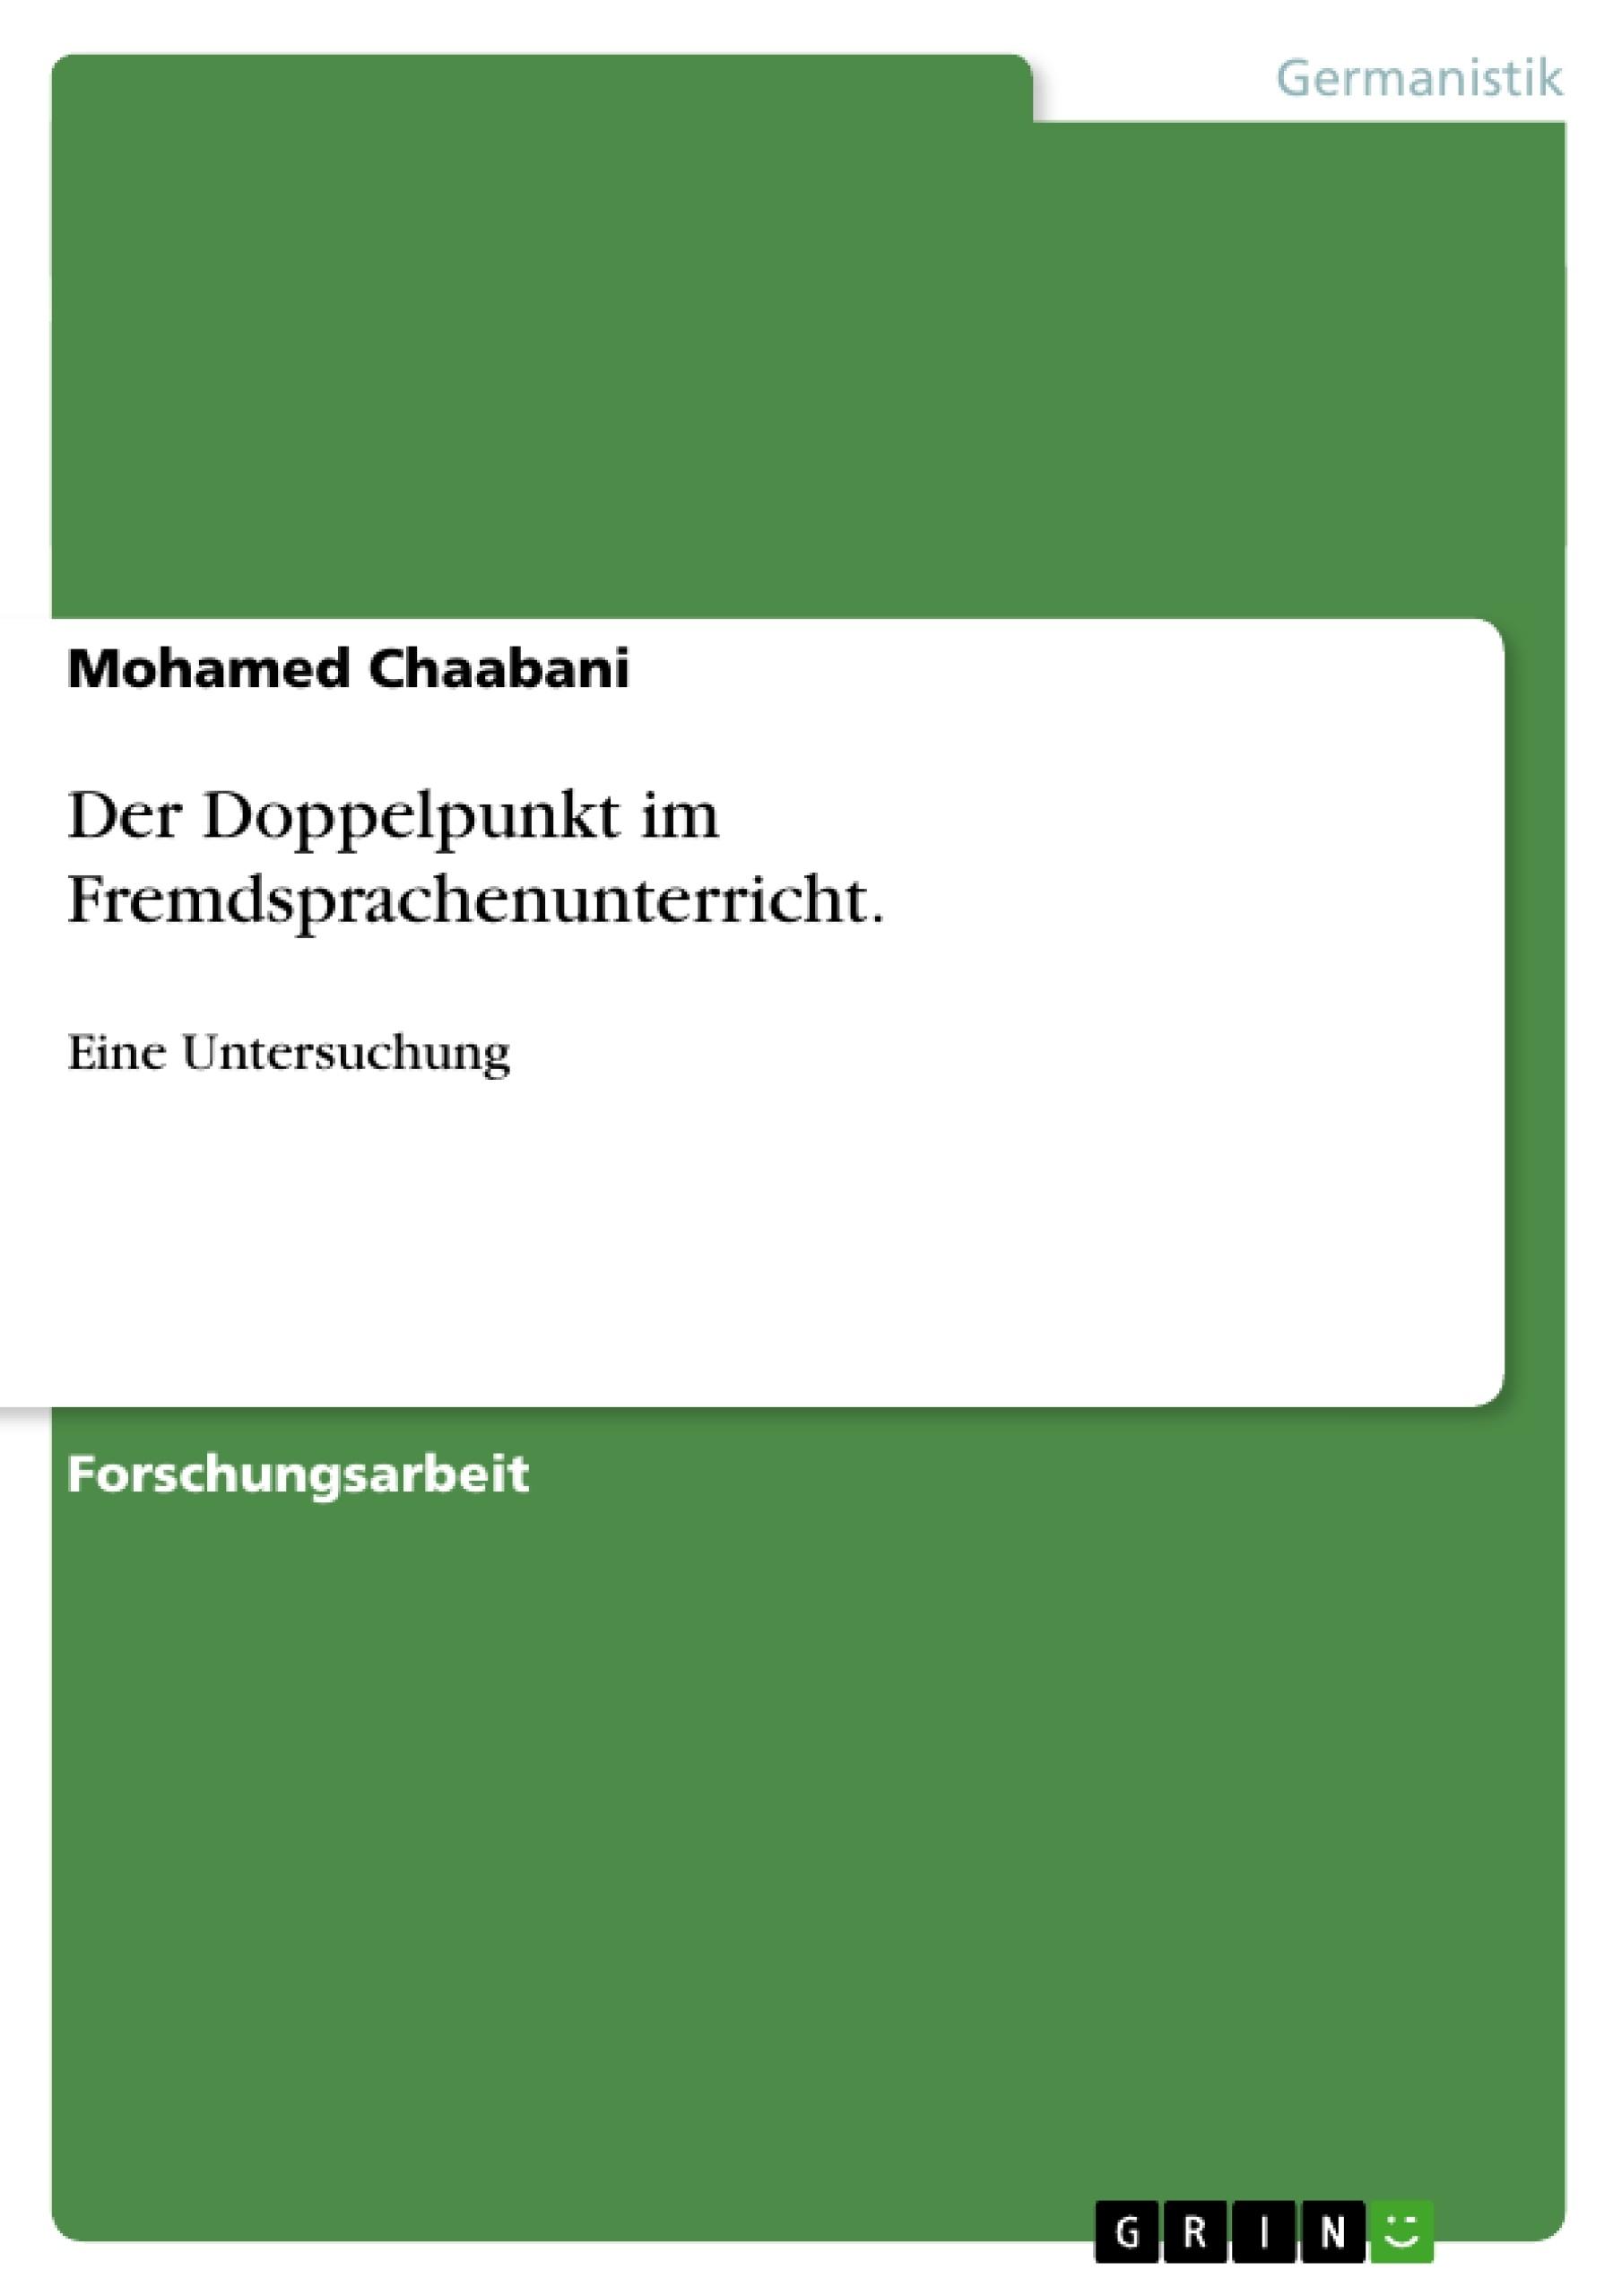 Titel: Der Doppelpunkt im Fremdsprachenunterricht.